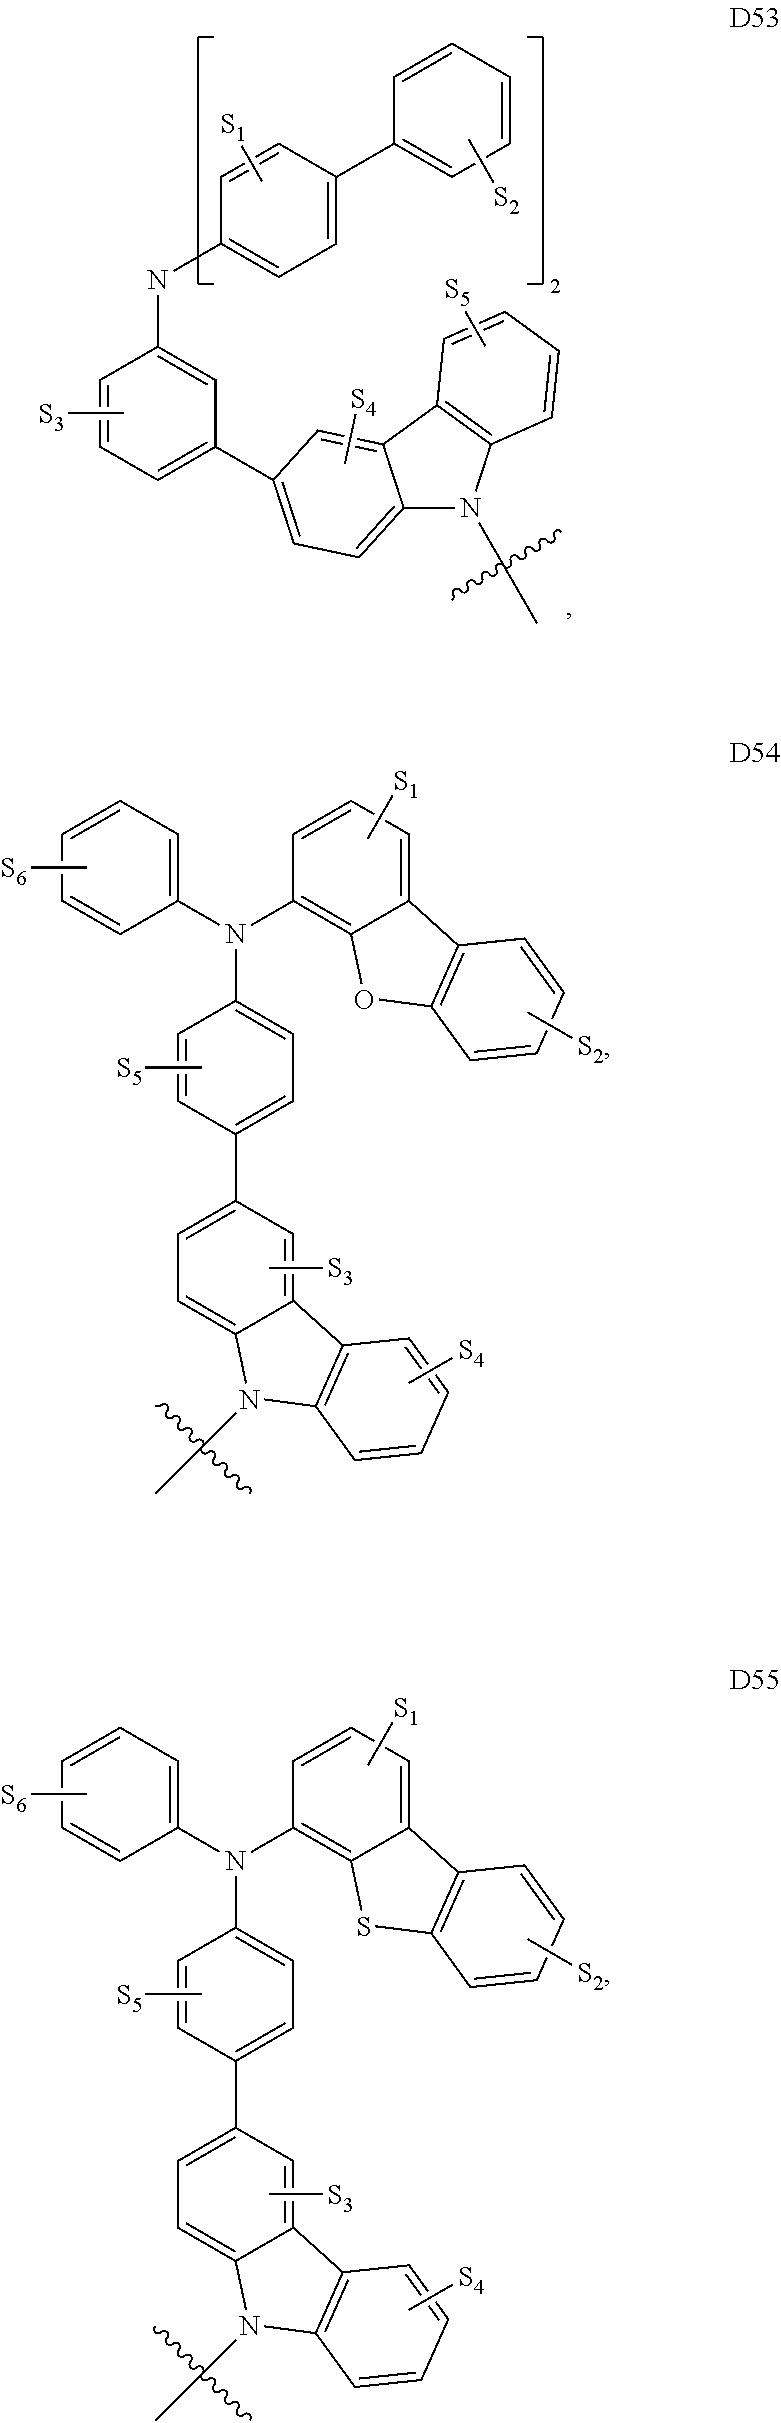 Figure US09324949-20160426-C00020